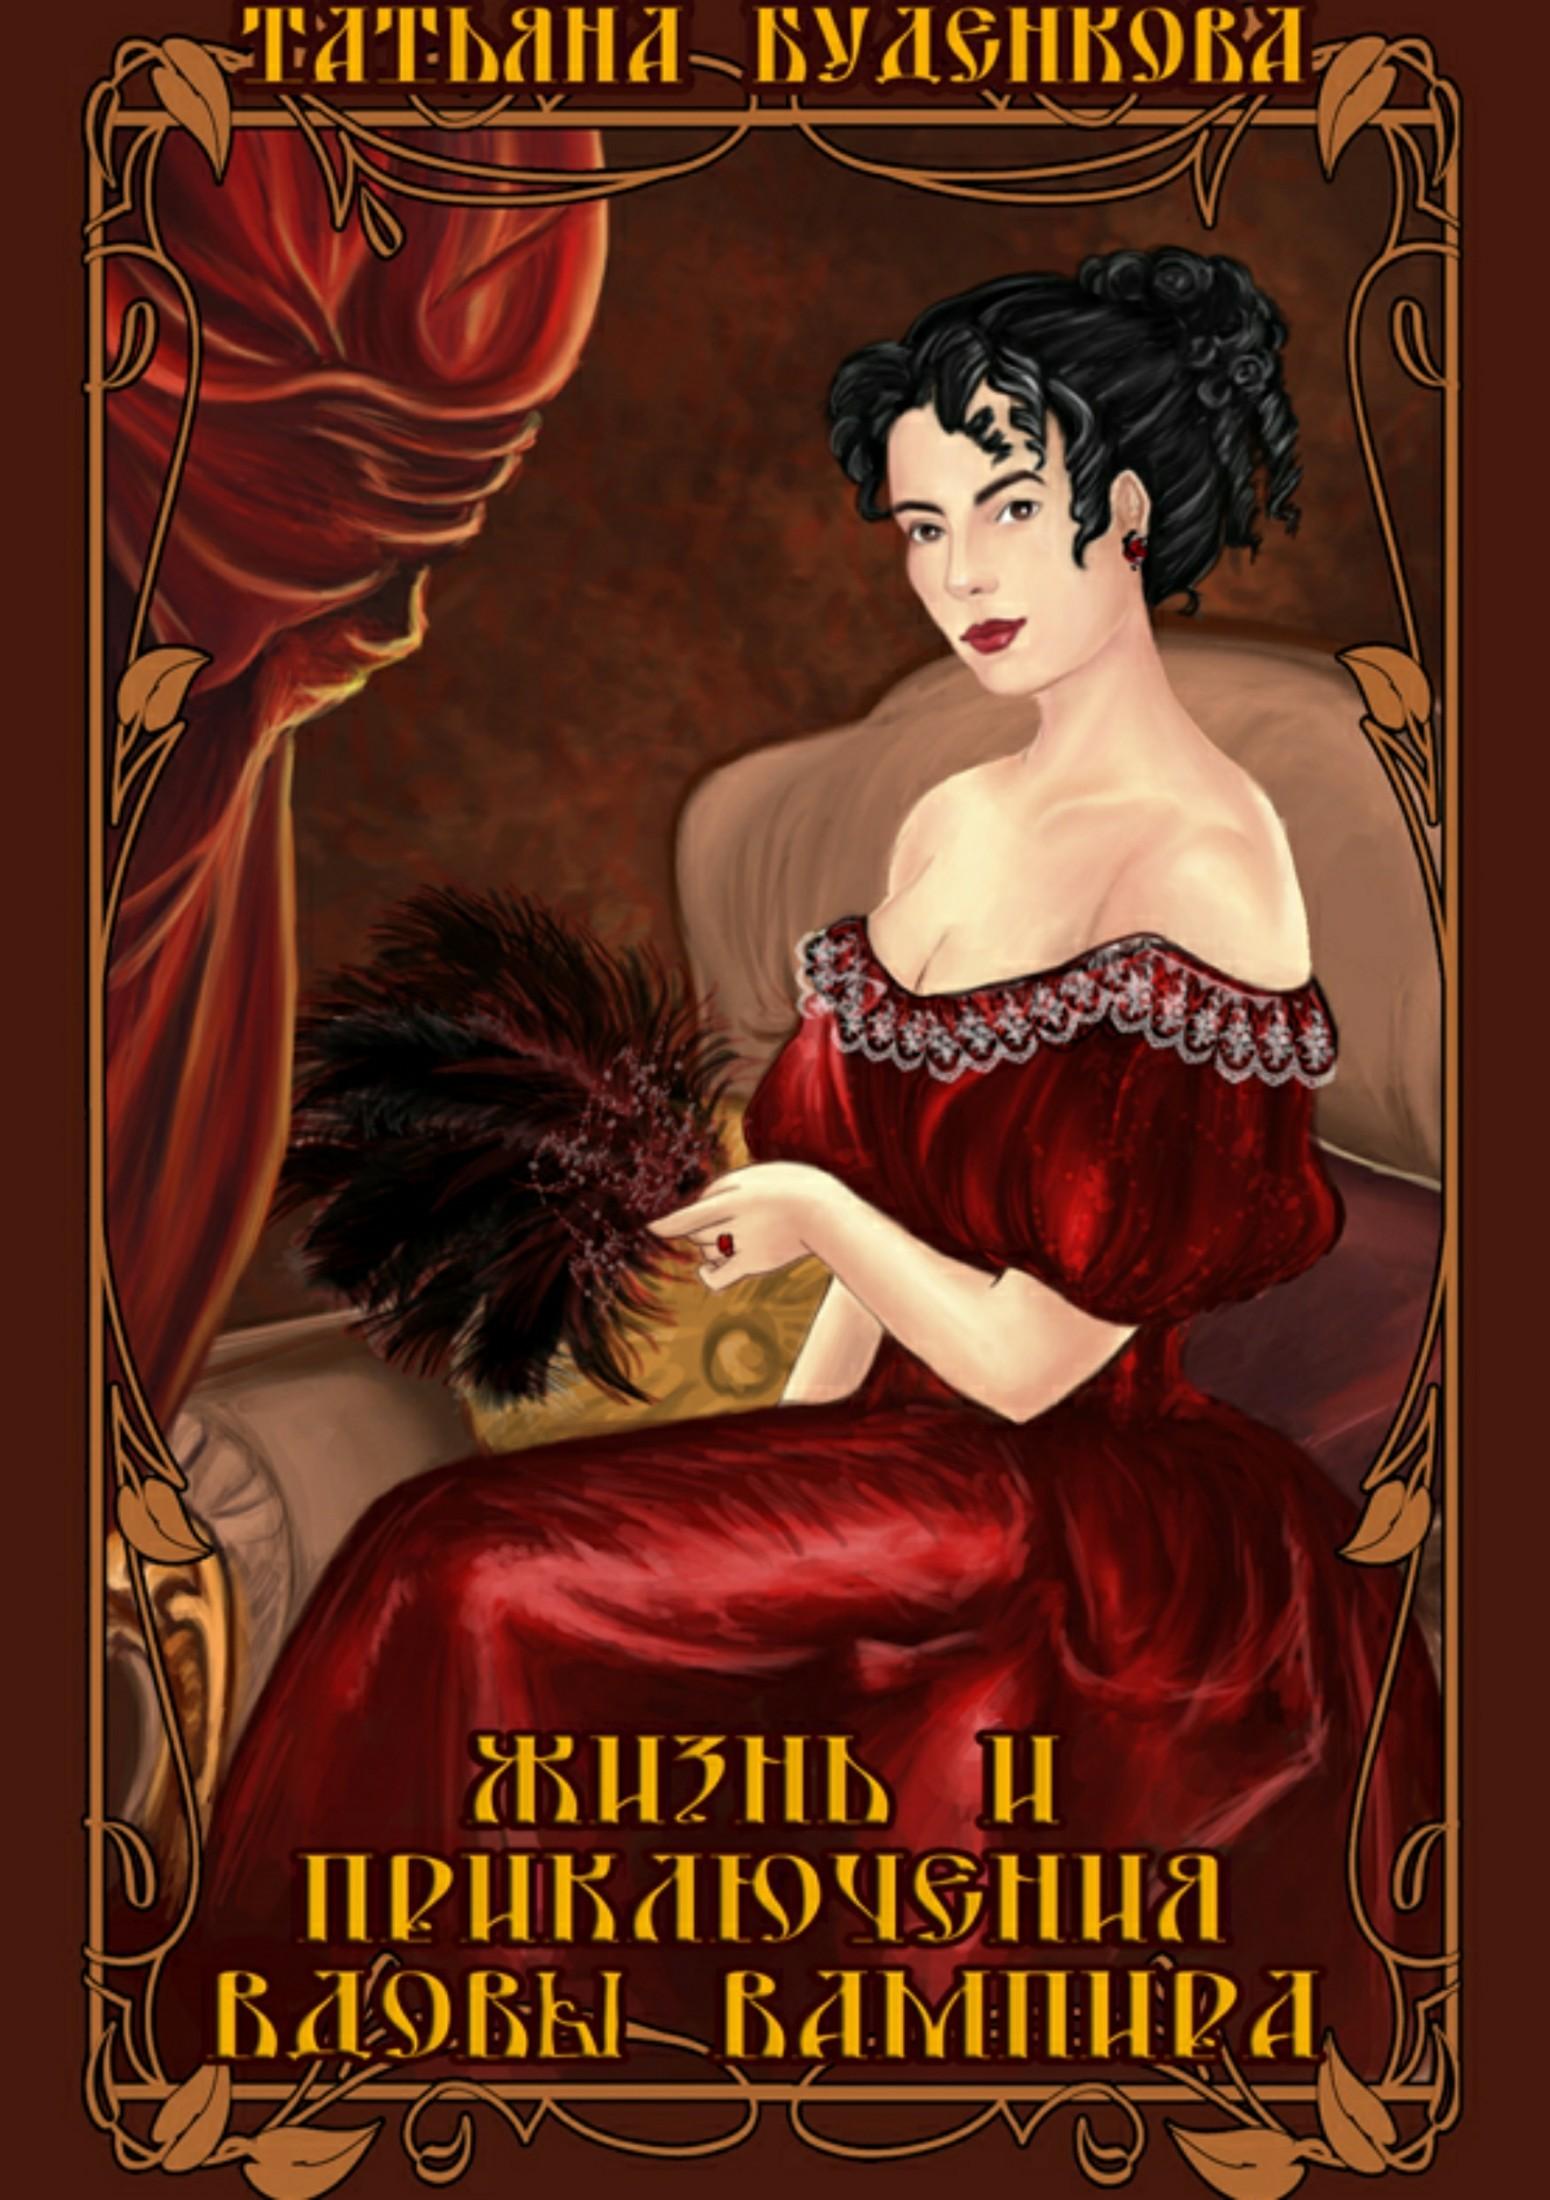 Жизнь и приключения вдовы вампира